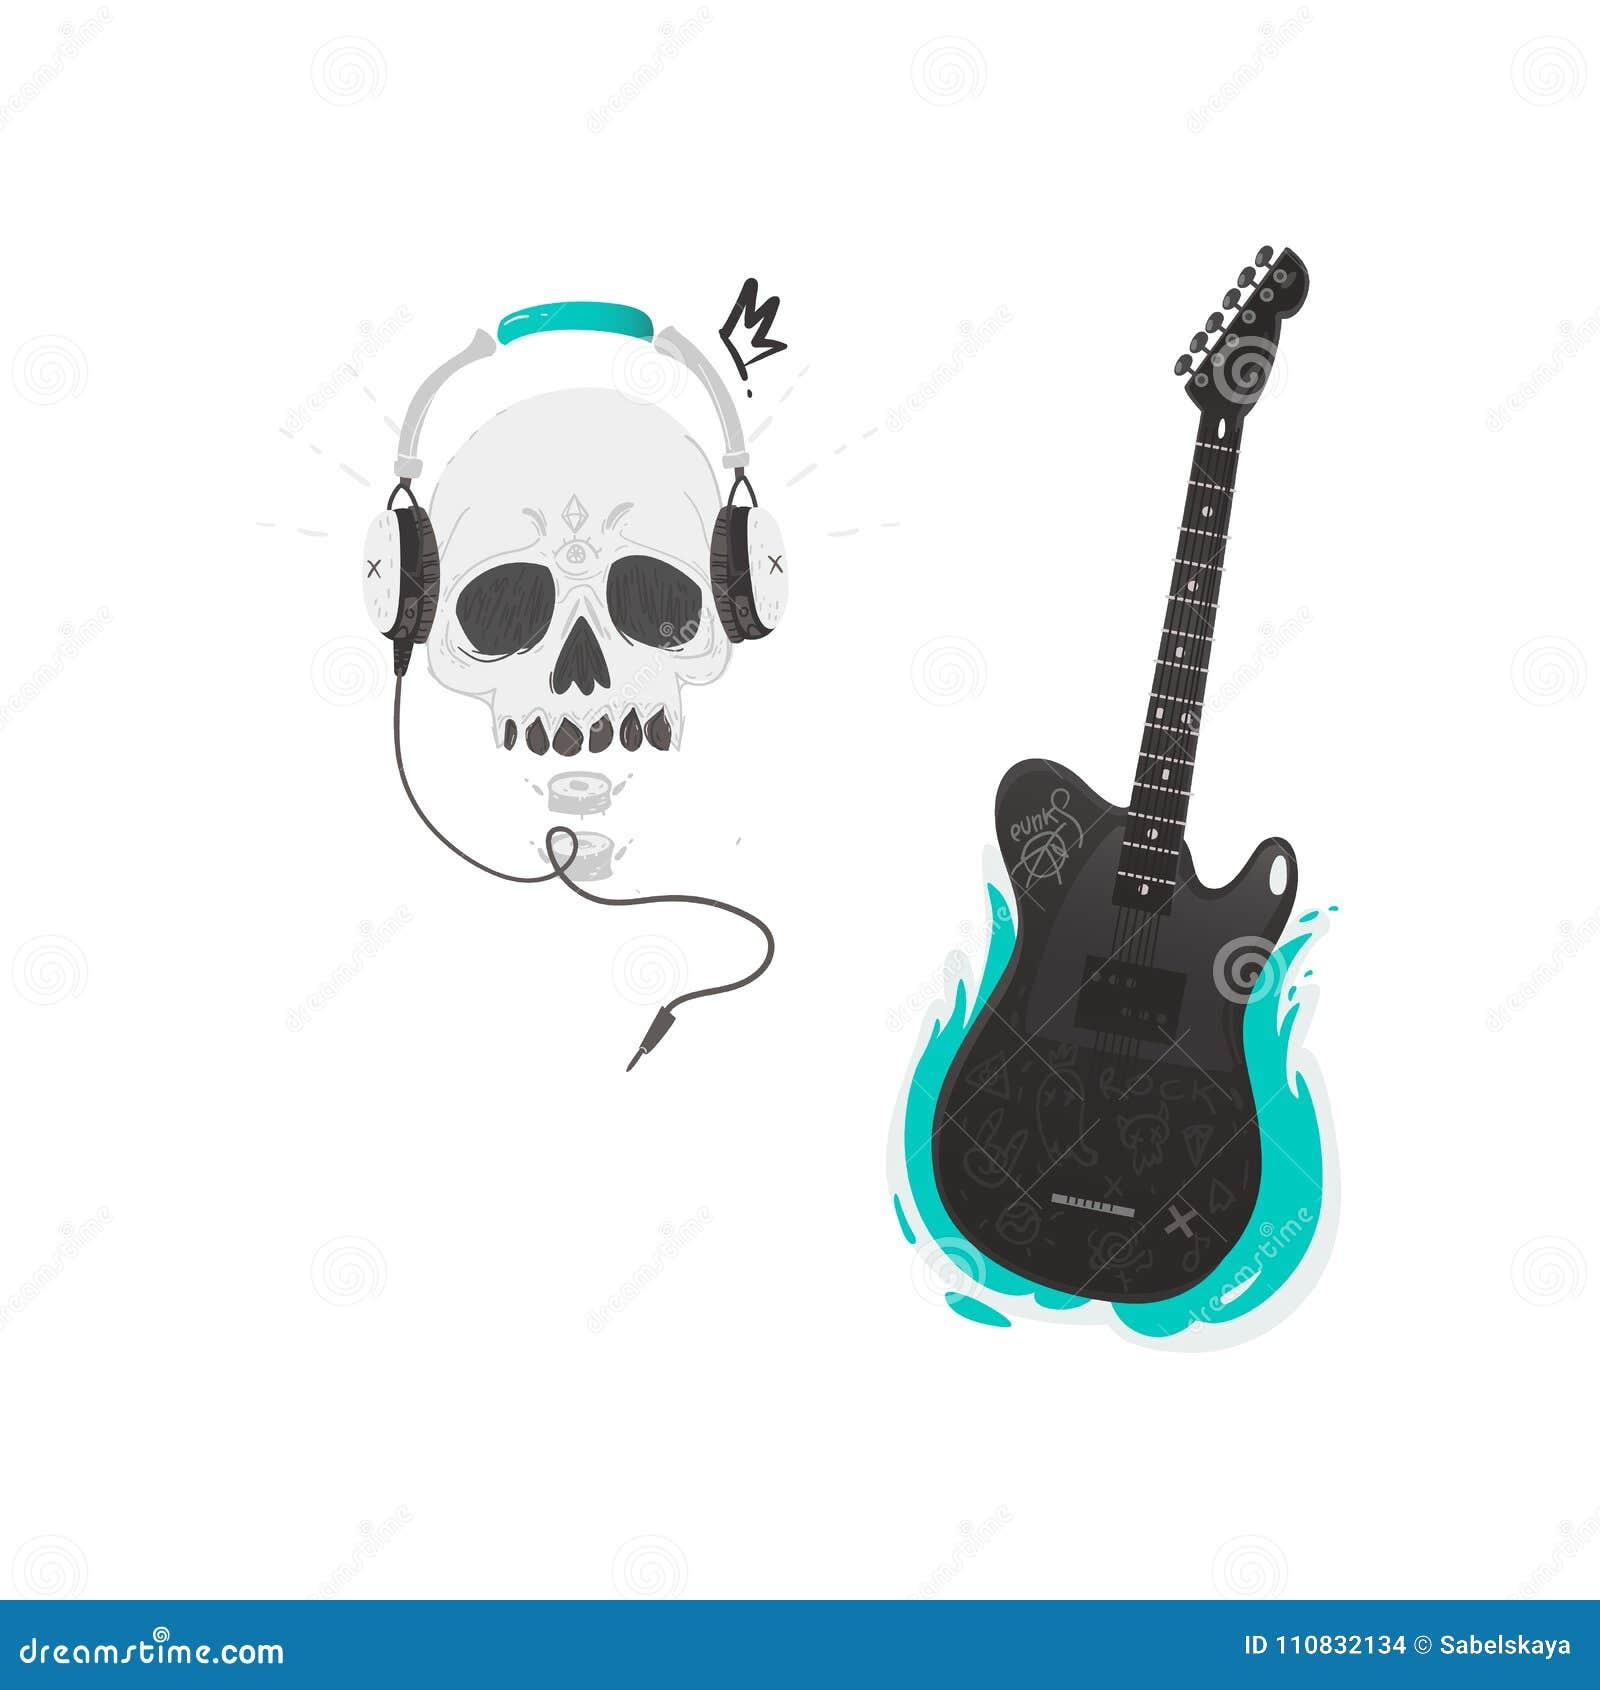 Guitar Jack Wiring